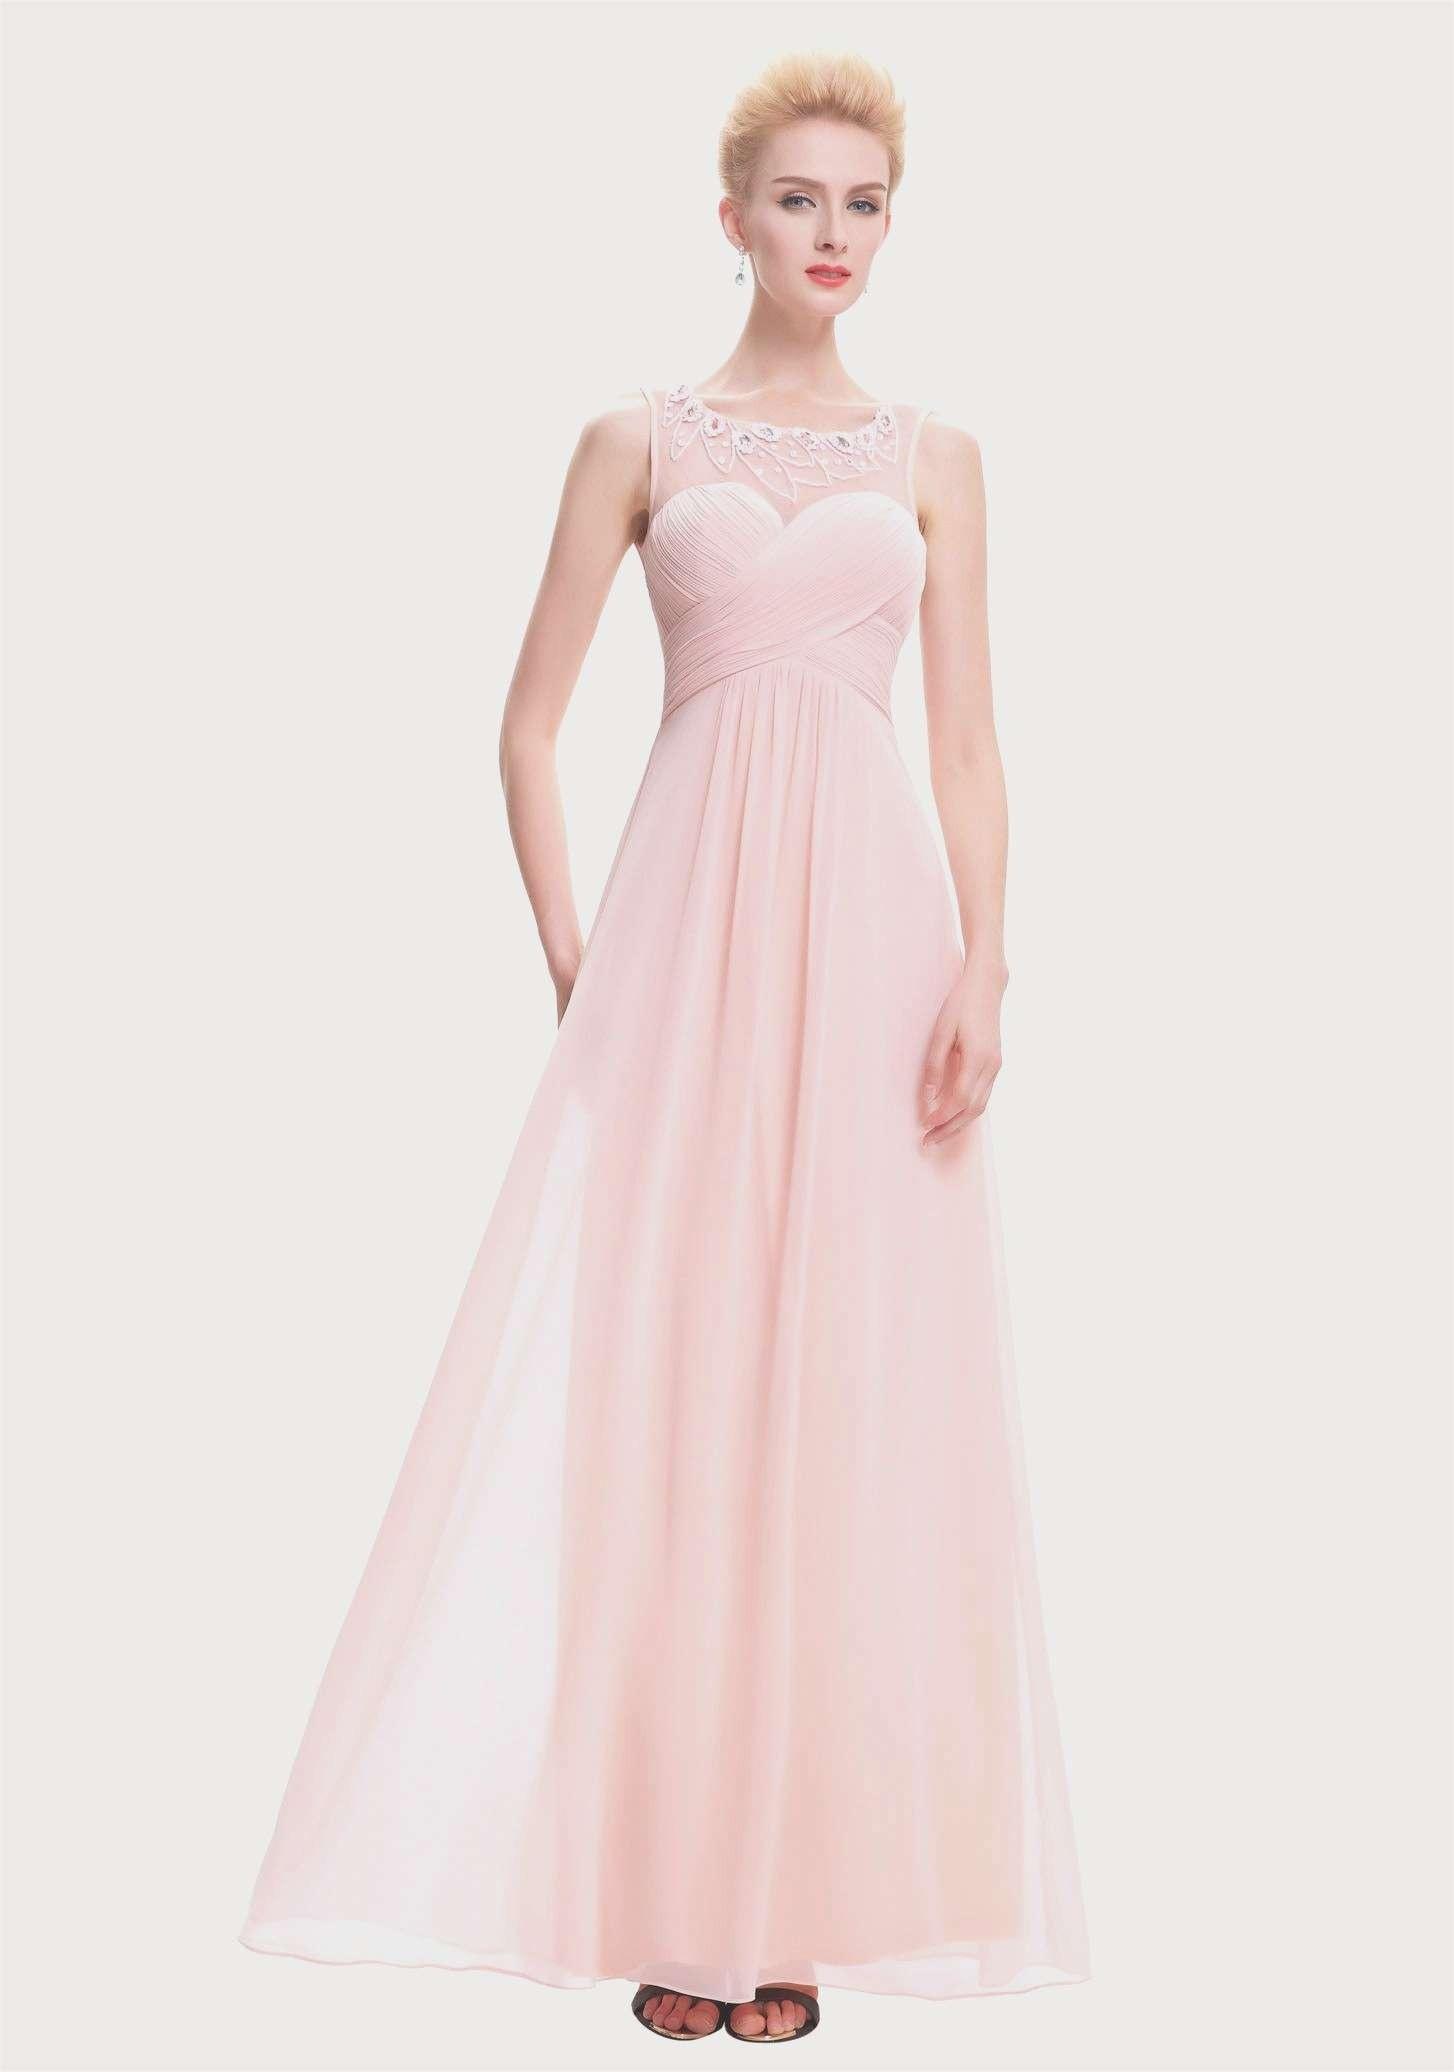 Ausgezeichnet Kleid Lang Altrosa BoutiqueDesigner Coolste Kleid Lang Altrosa Boutique